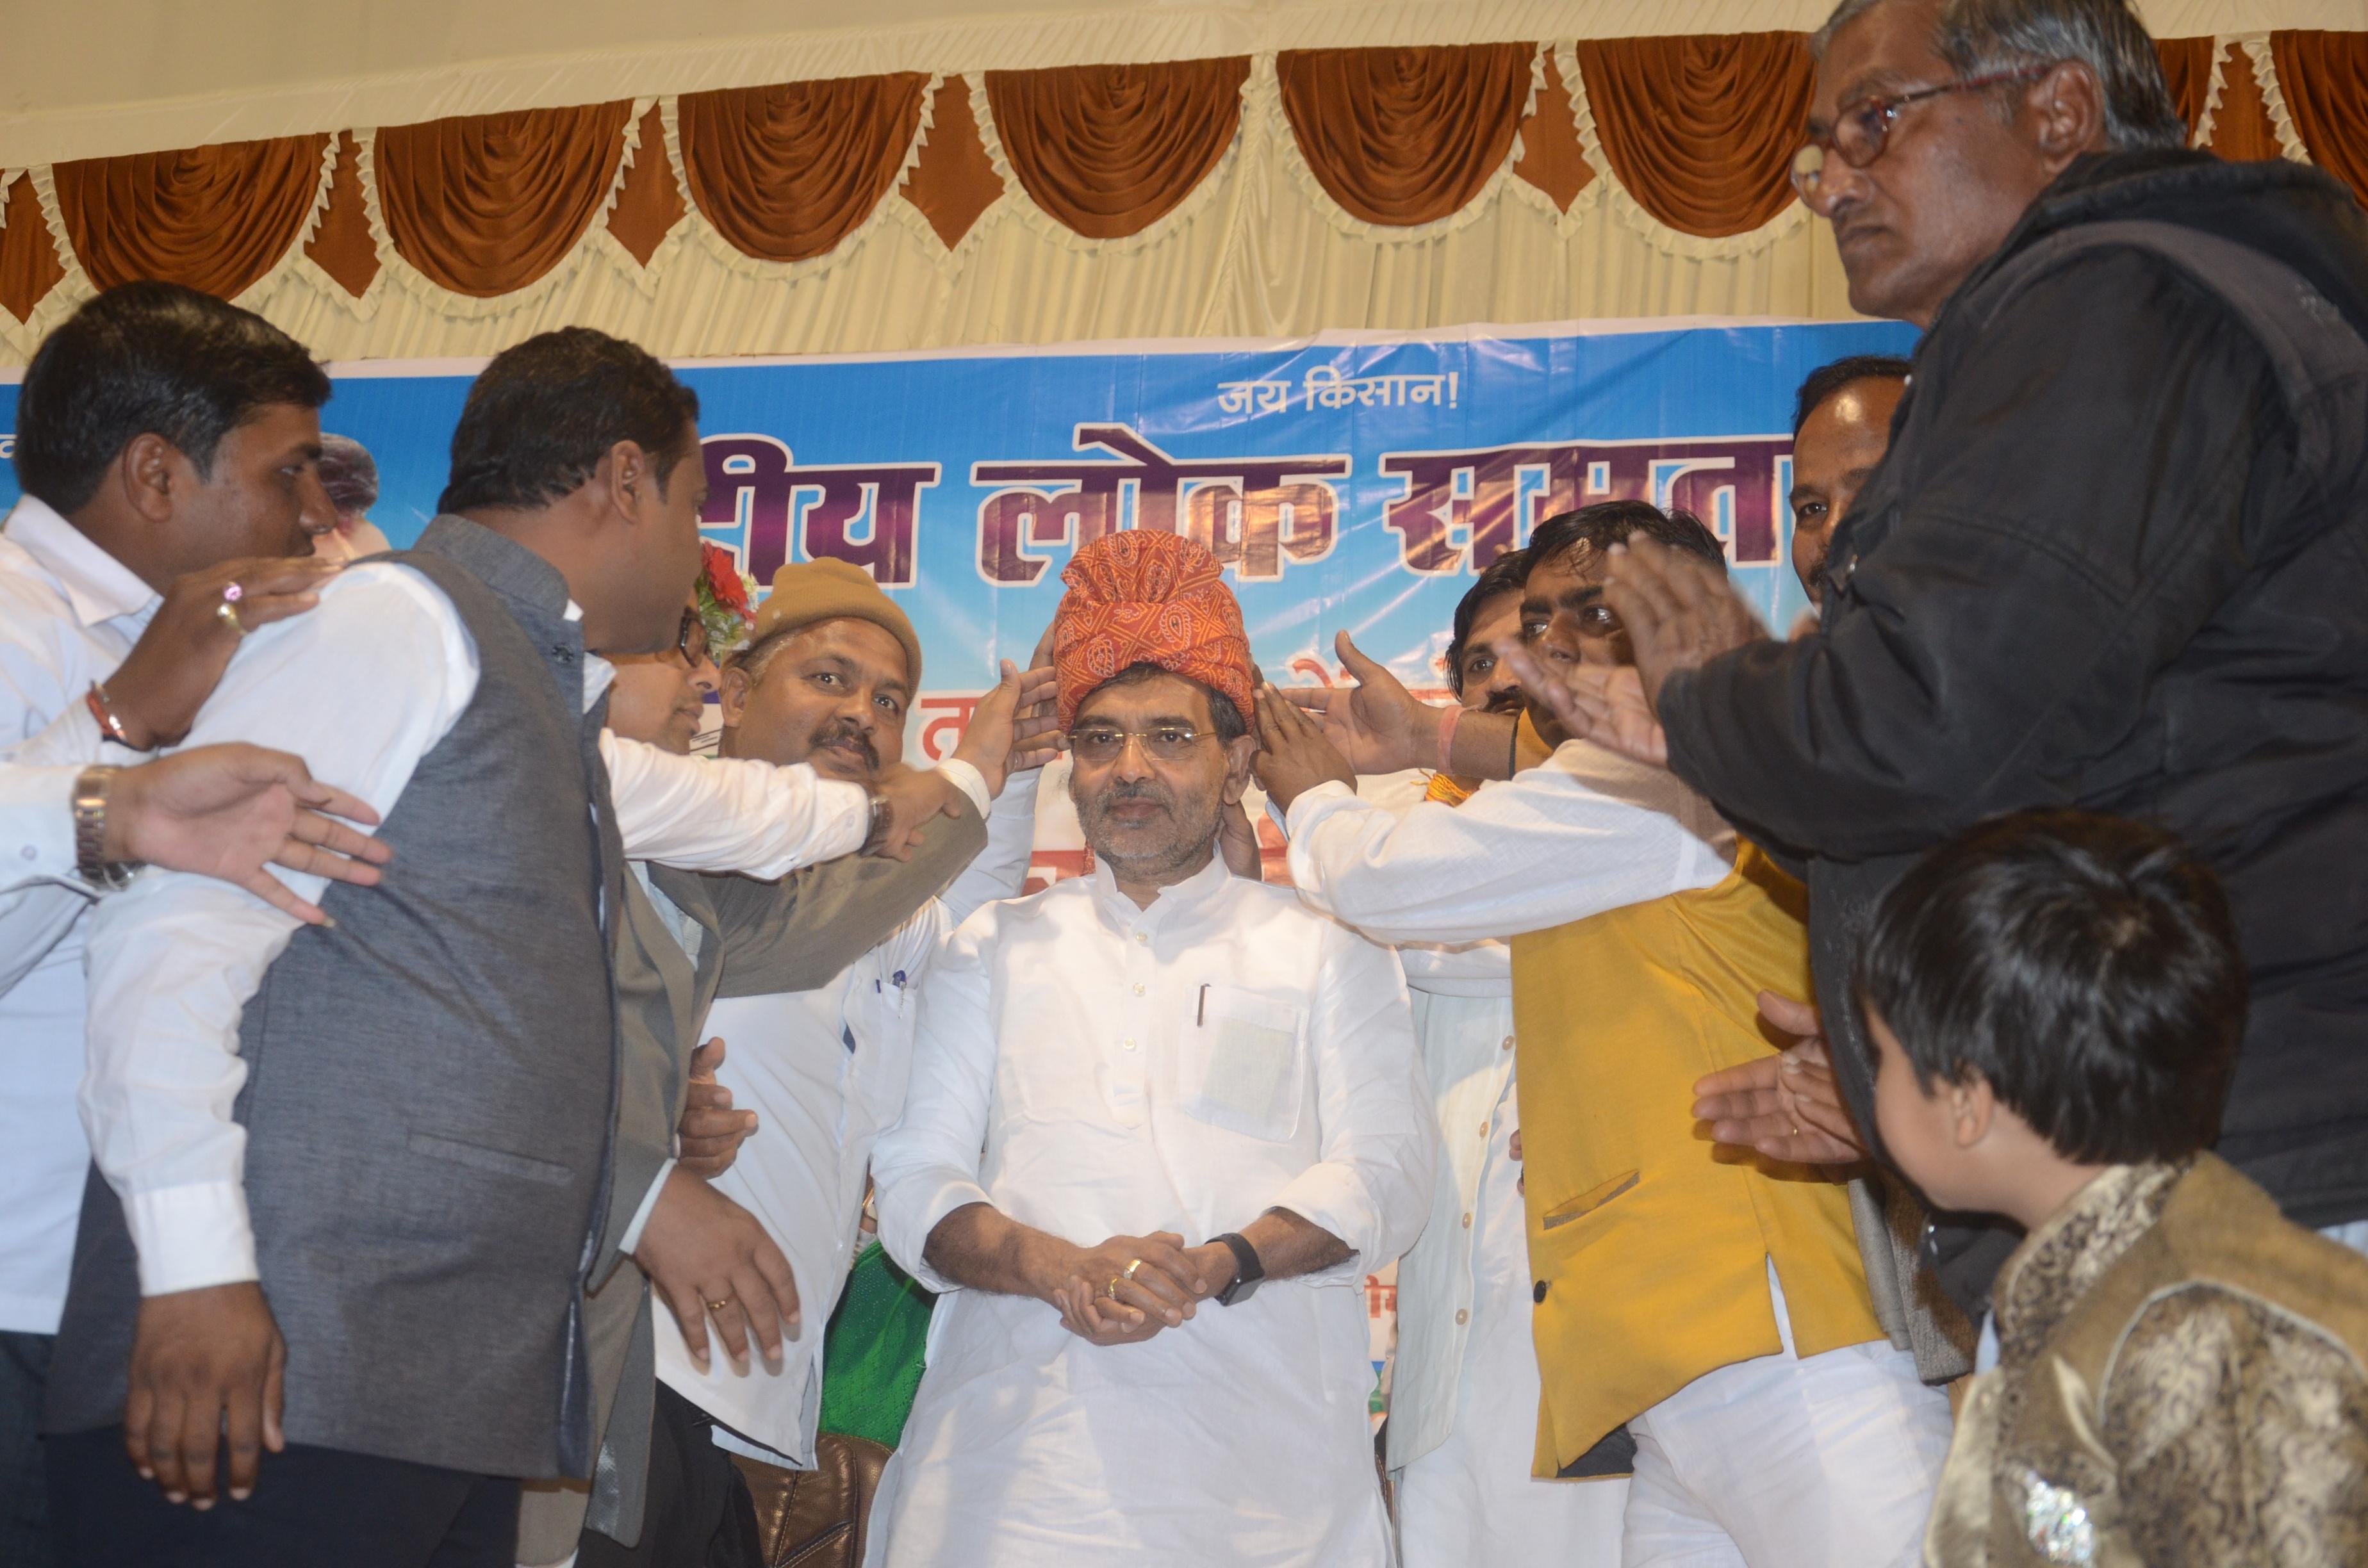 केंद्रीय मानव संसाधन विकास राज्य मंत्री उपेंद्र कुशवाहा ने परिवारवाद का मुद्दा उठाया